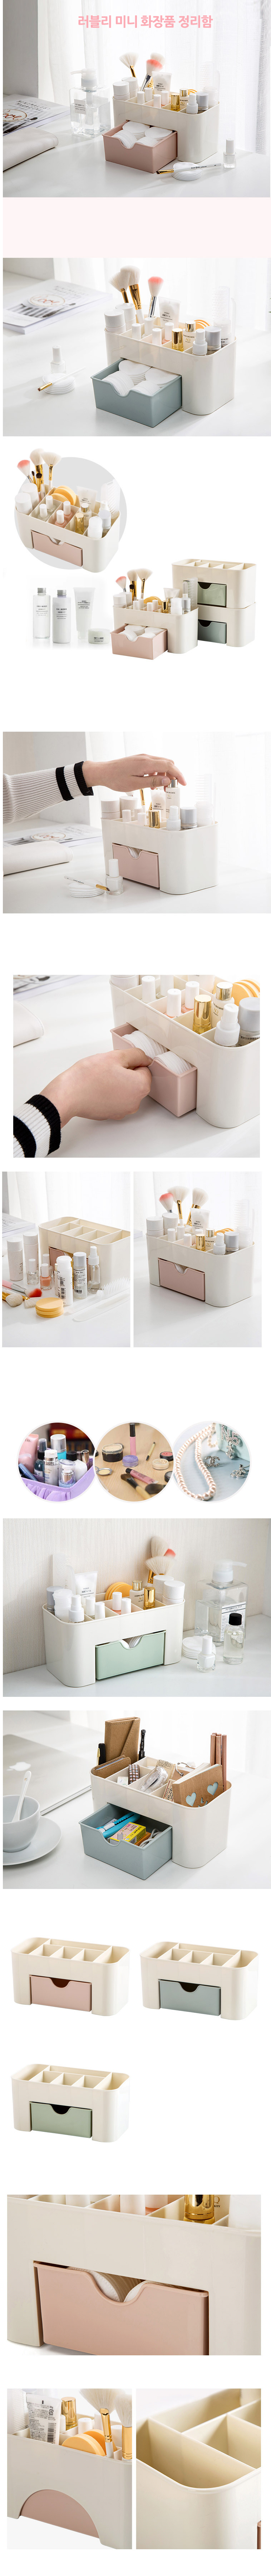 러블리 다용도 화장품 정리함 수납함 - 부자오빠, 3,700원, 정리함, 화장품정리함